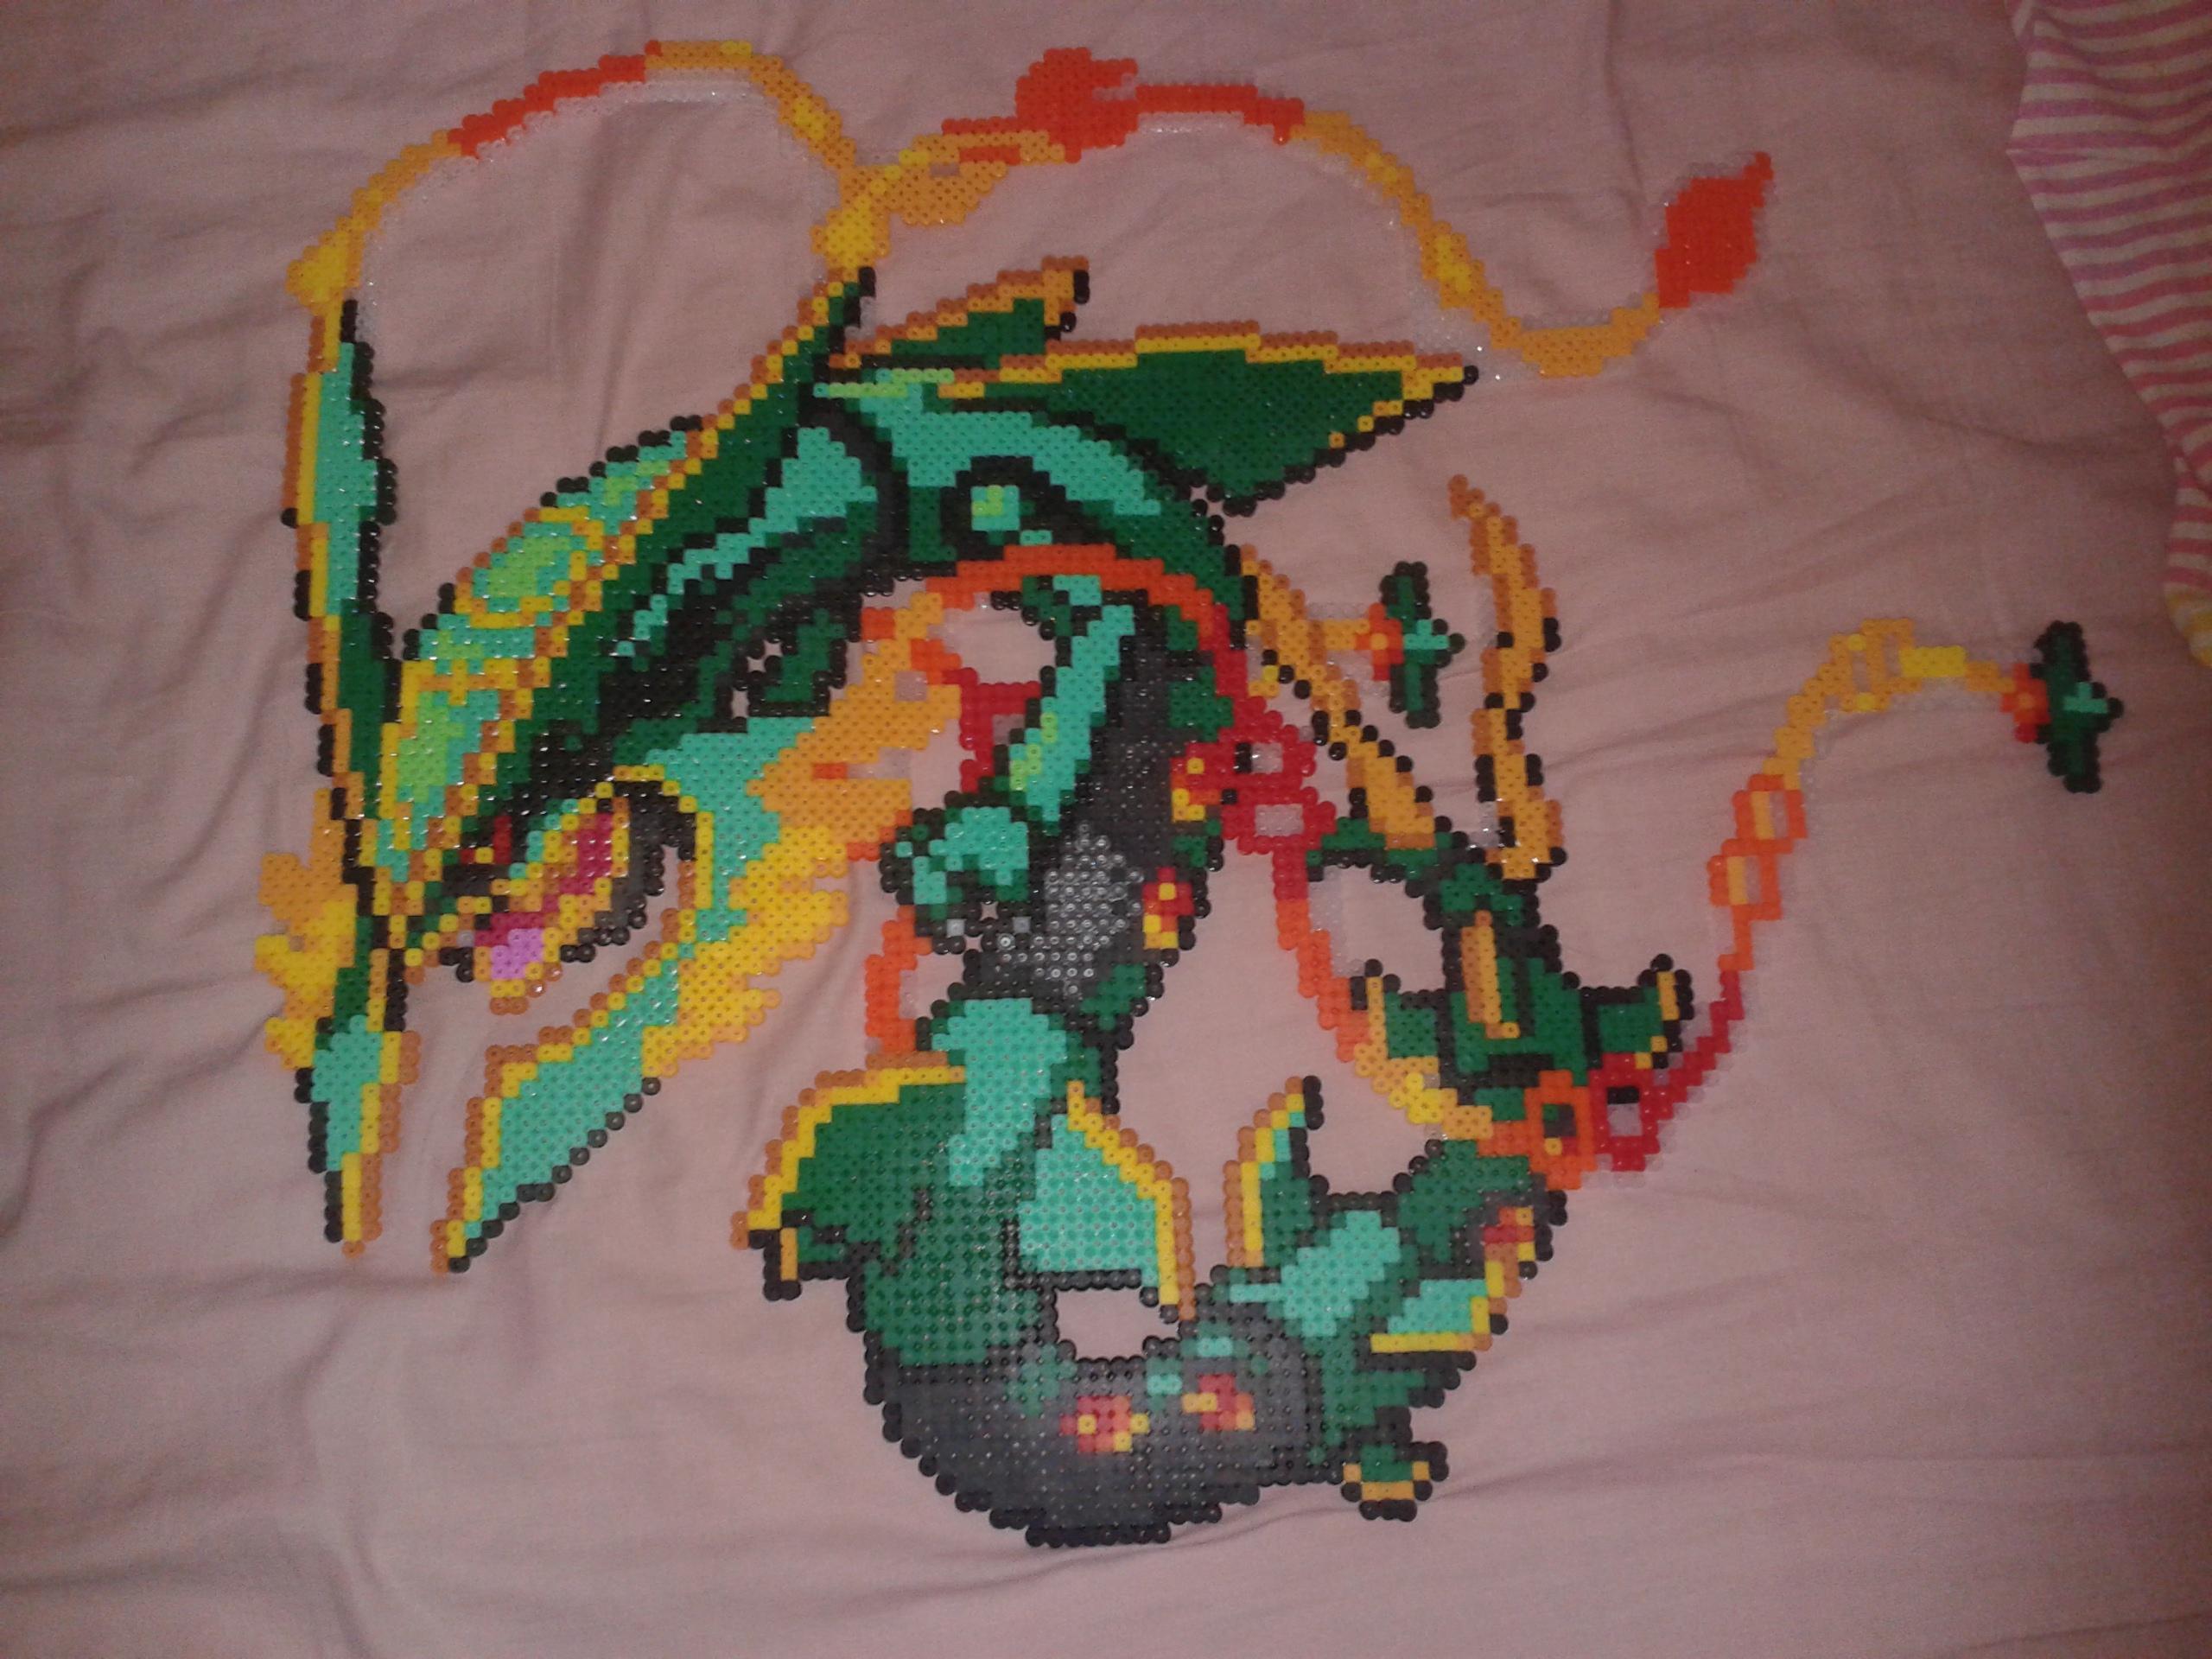 All Pokemon Pixel Art Ecosia